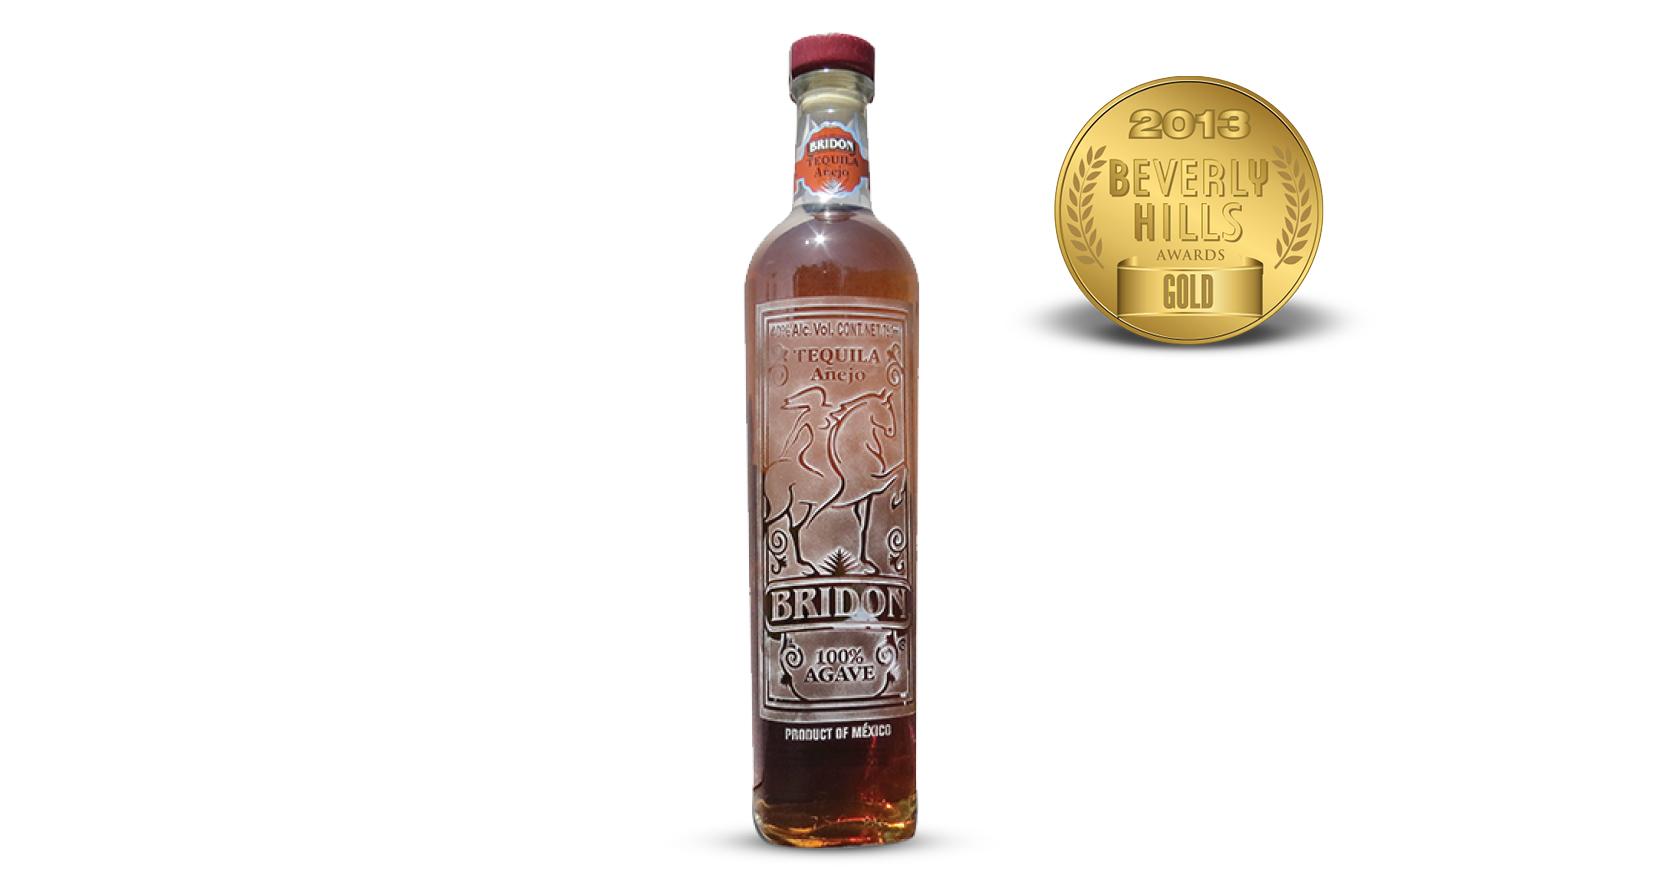 Bridon Añejo Tequila